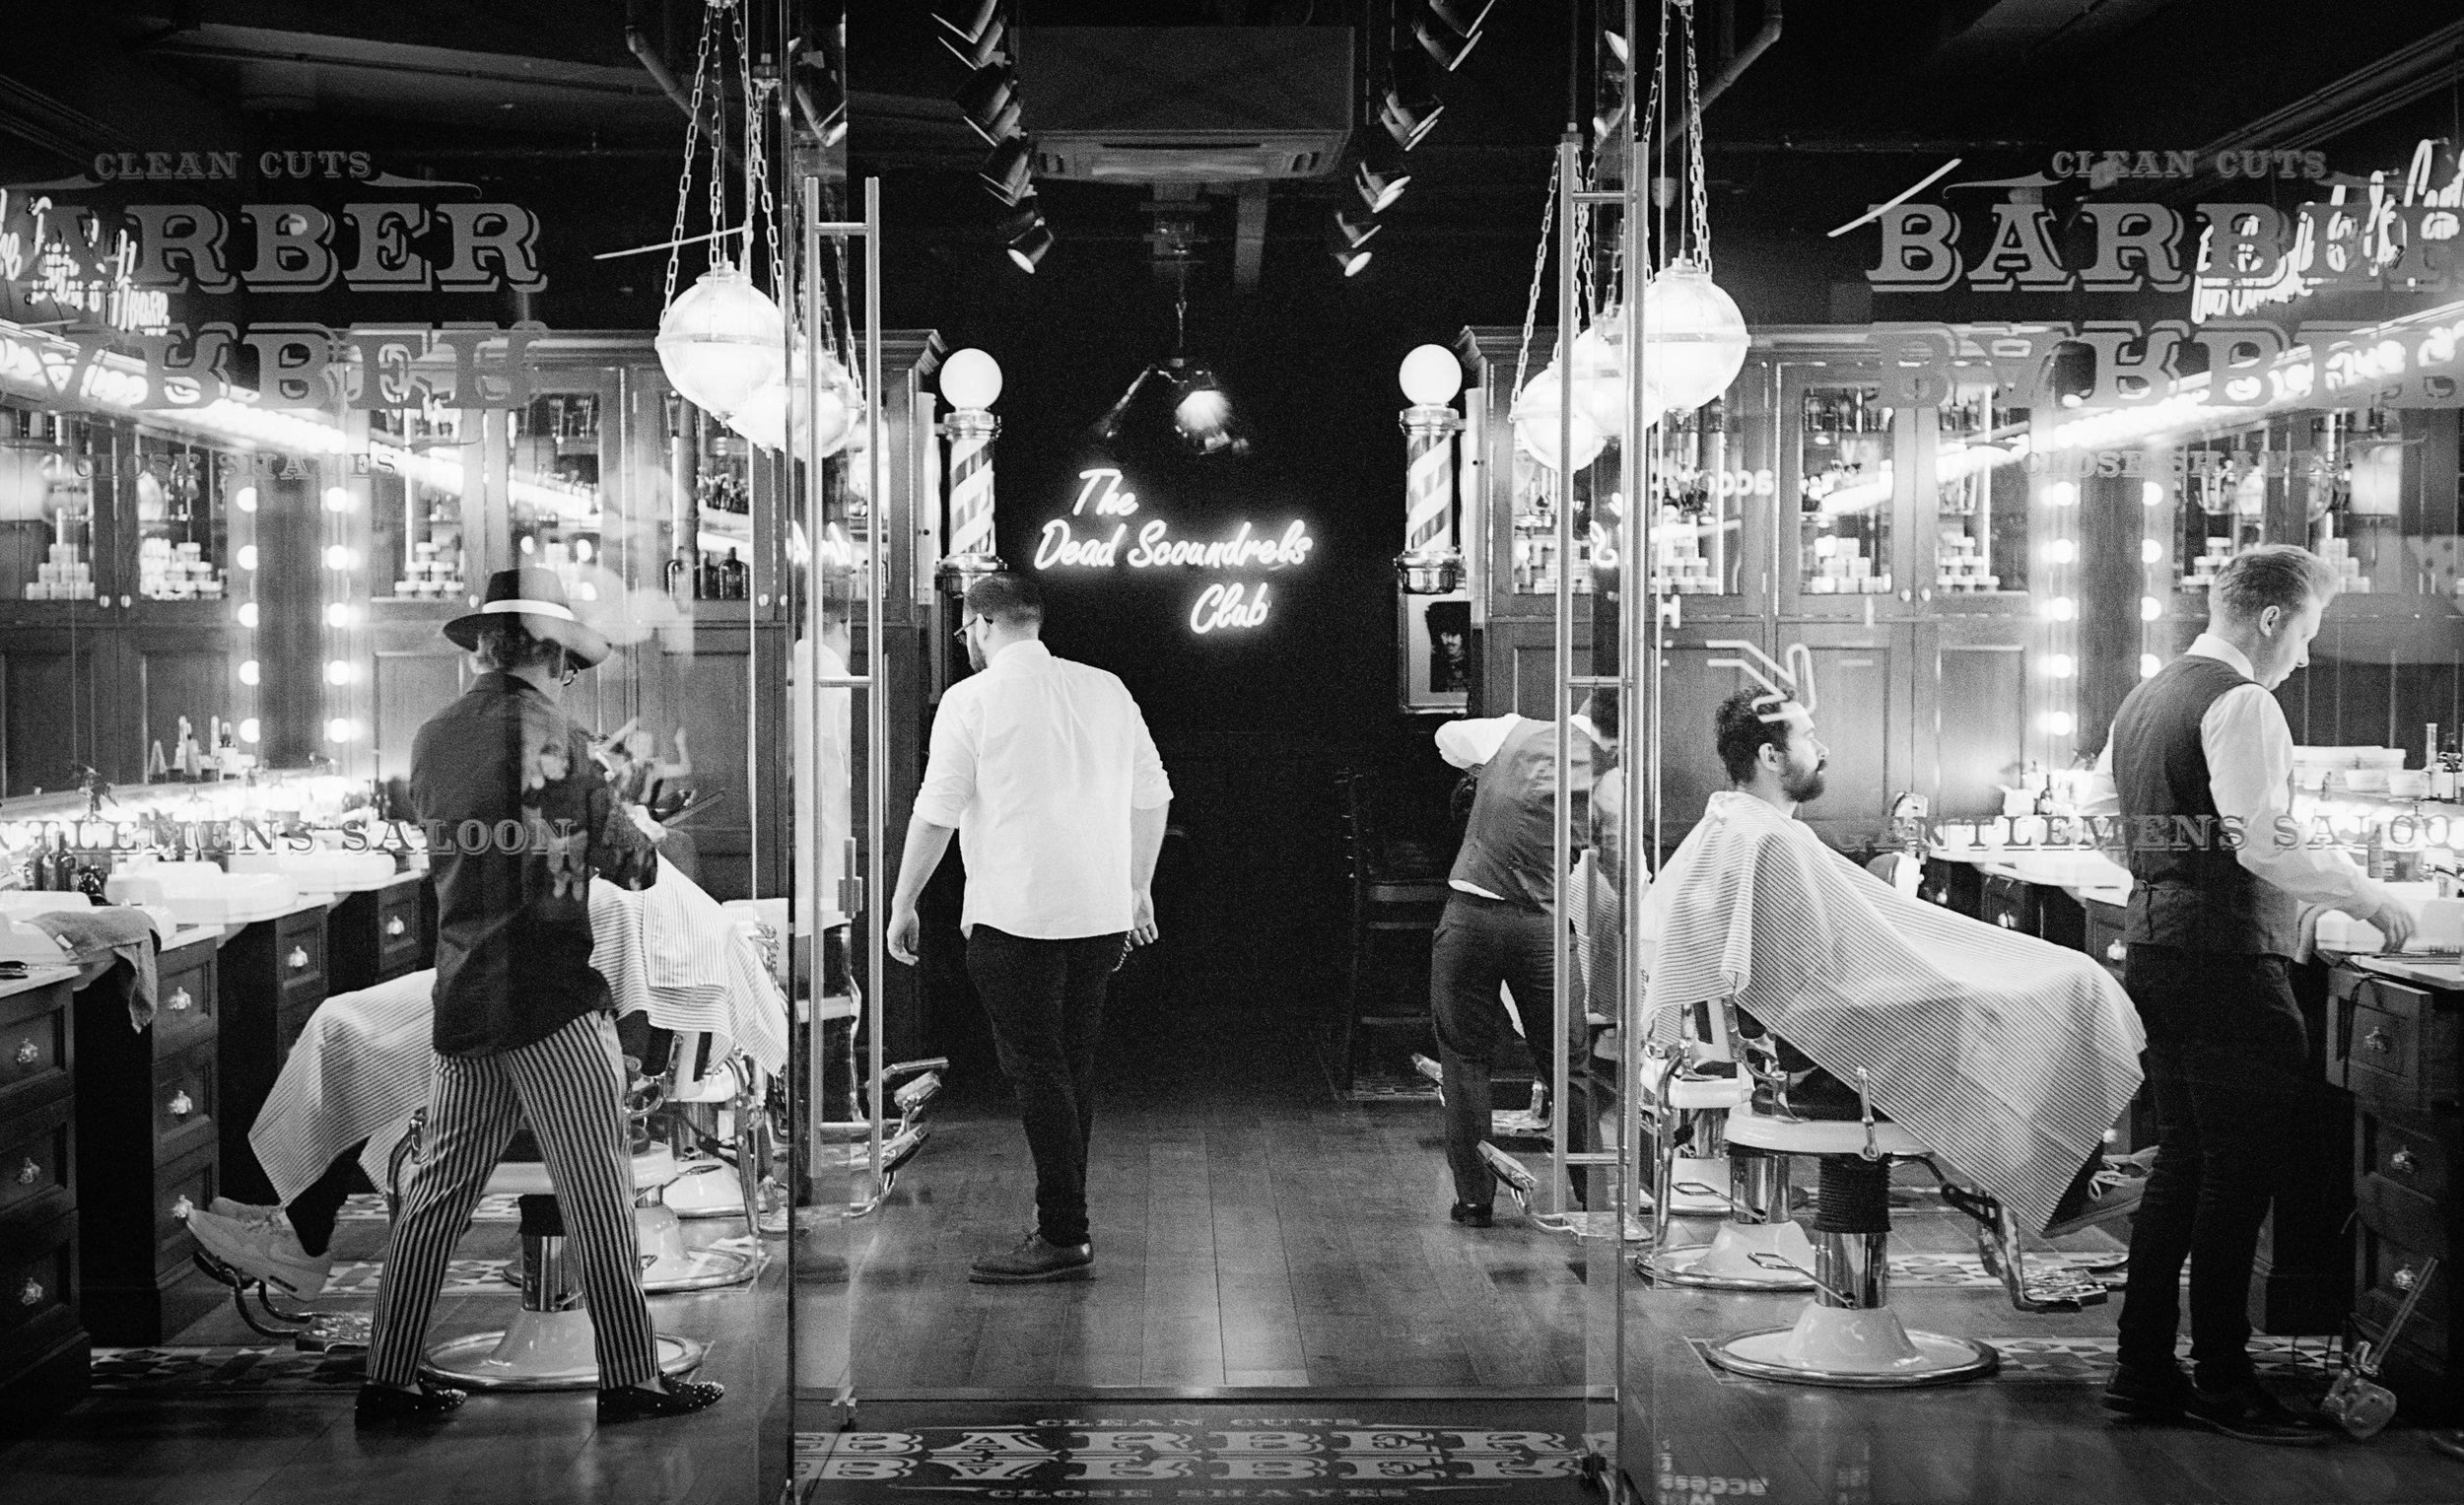 The scoundrels at work, Barber Barber, Birmingham